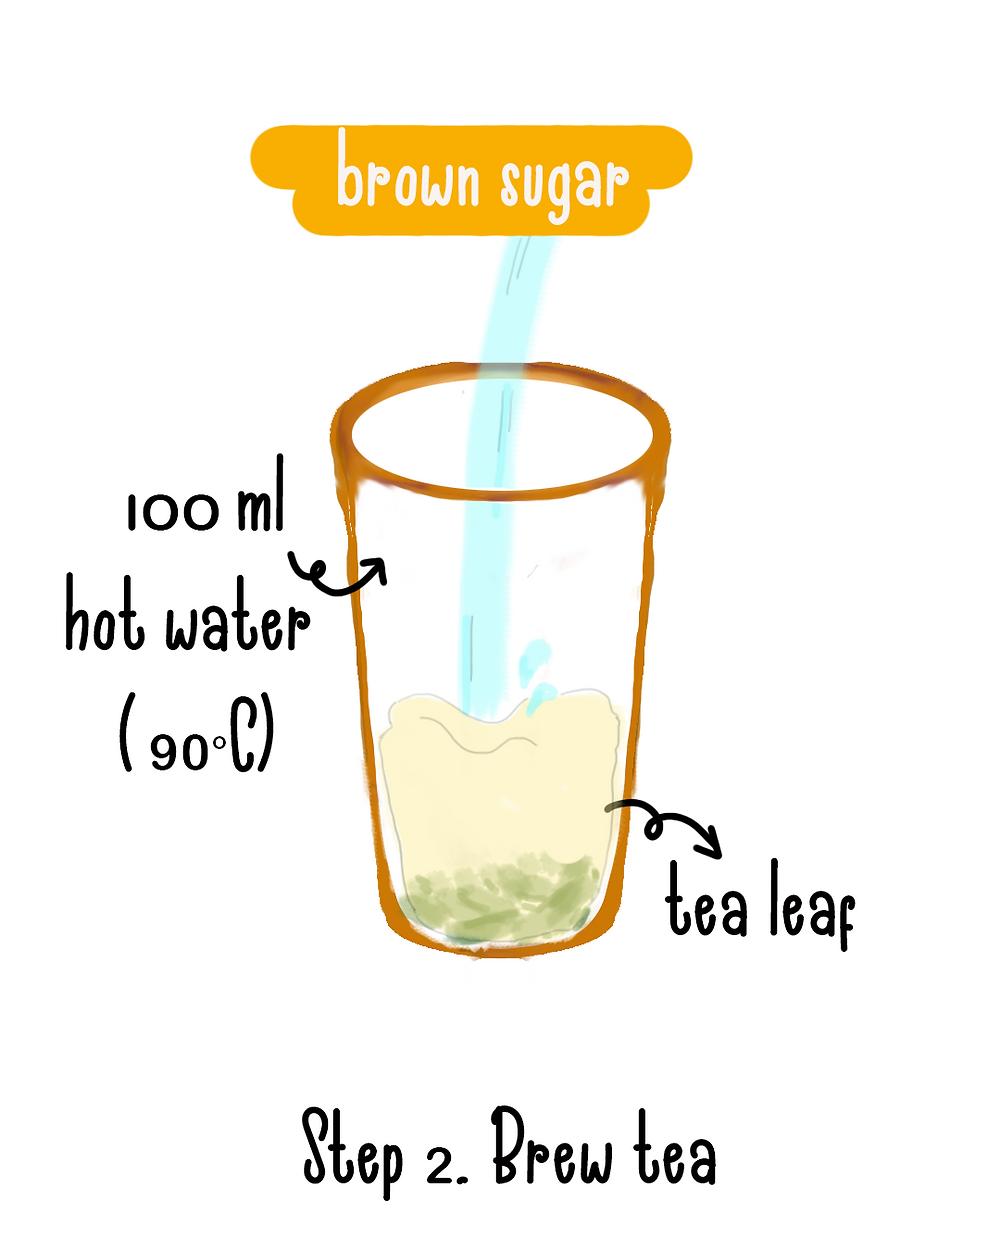 Make brown sugar at home